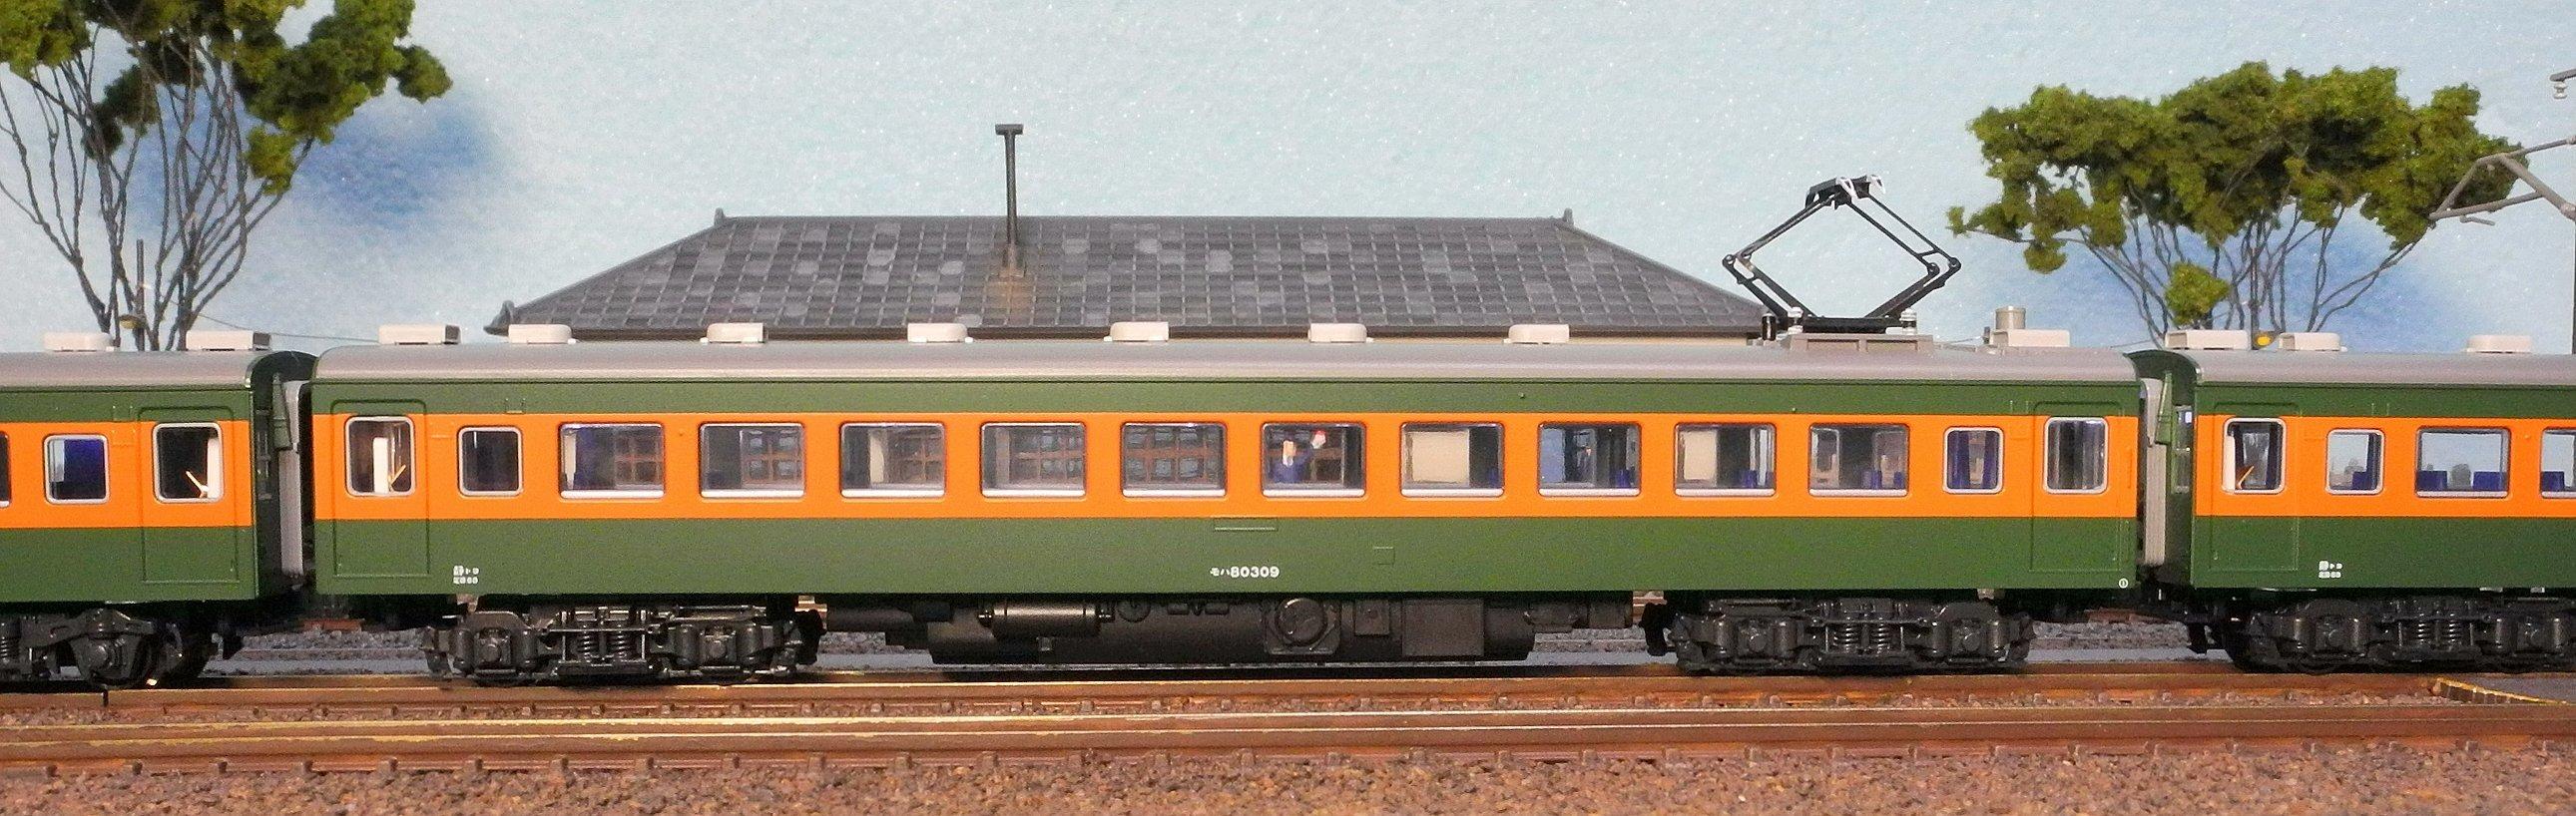 DSCN8121-1.jpg